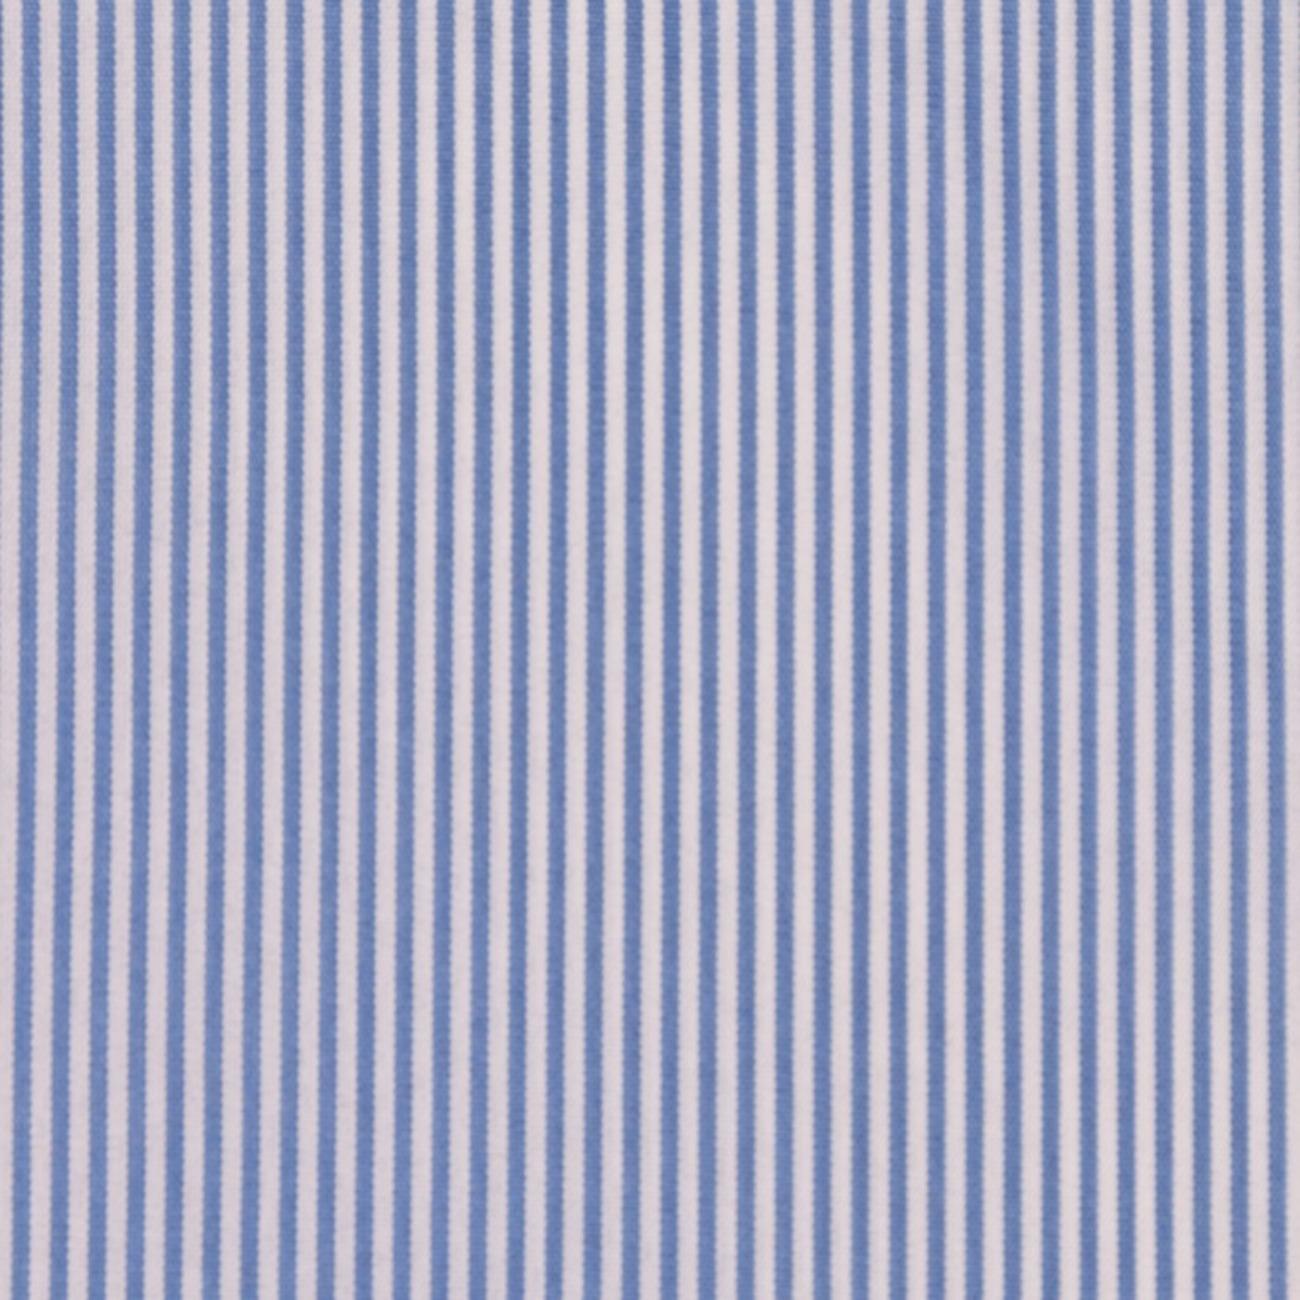 里布 条纹 梭织 棉感 超薄 无弹 平纹 细腻 柔软 女装 全涤色织条子60415-18(里布)